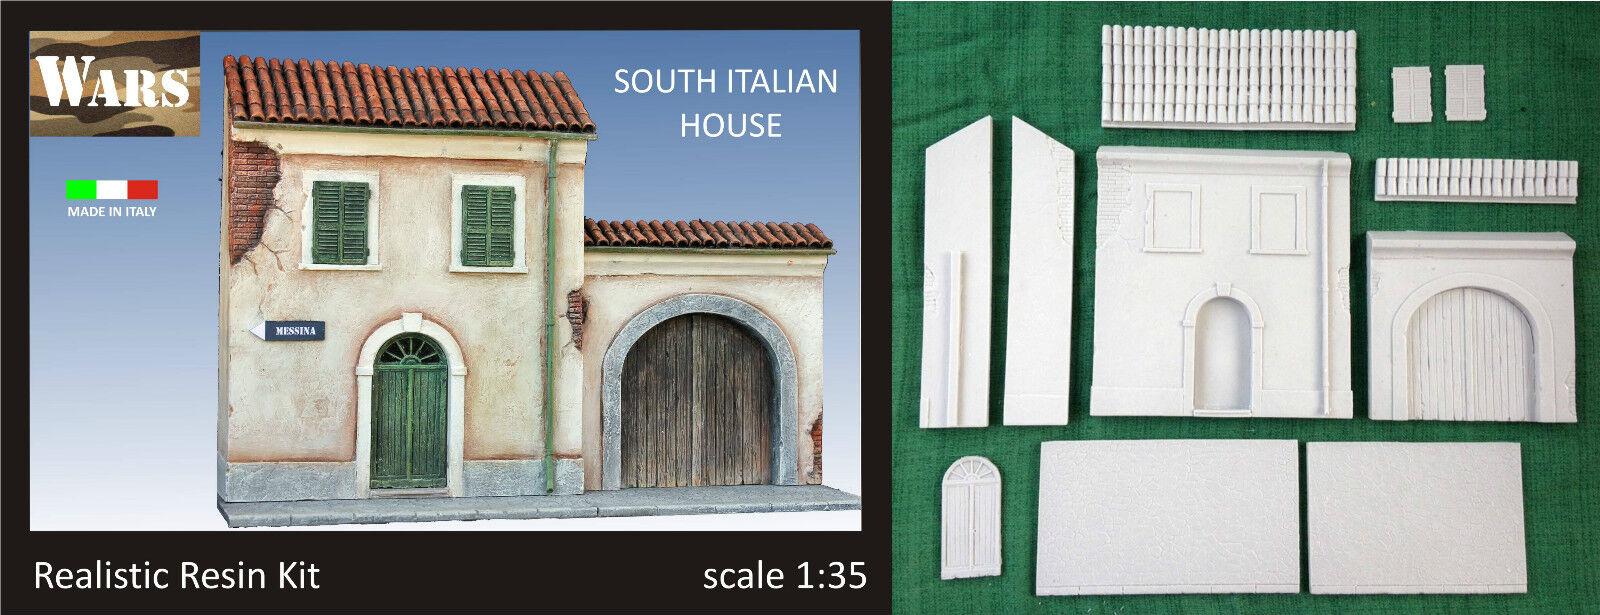 ventas en linea WARS casa del Sud Italia     South italian house 1 35 - 54 mm  mejor reputación